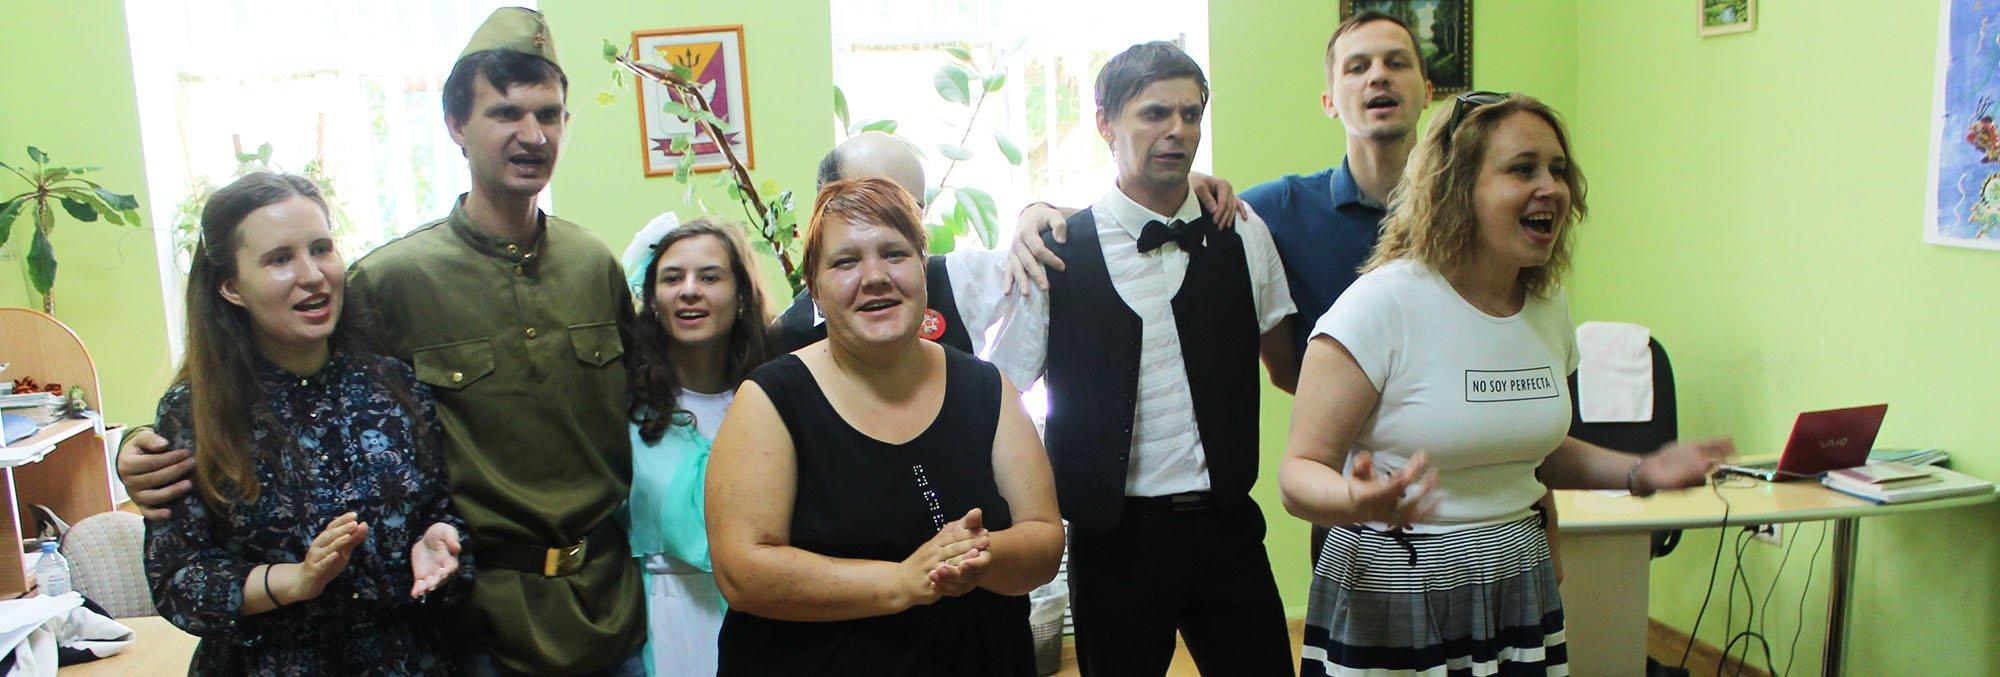 Творческая студия «Зазеркалье» дала концерты в 1 мужском и 14 женском отделениях